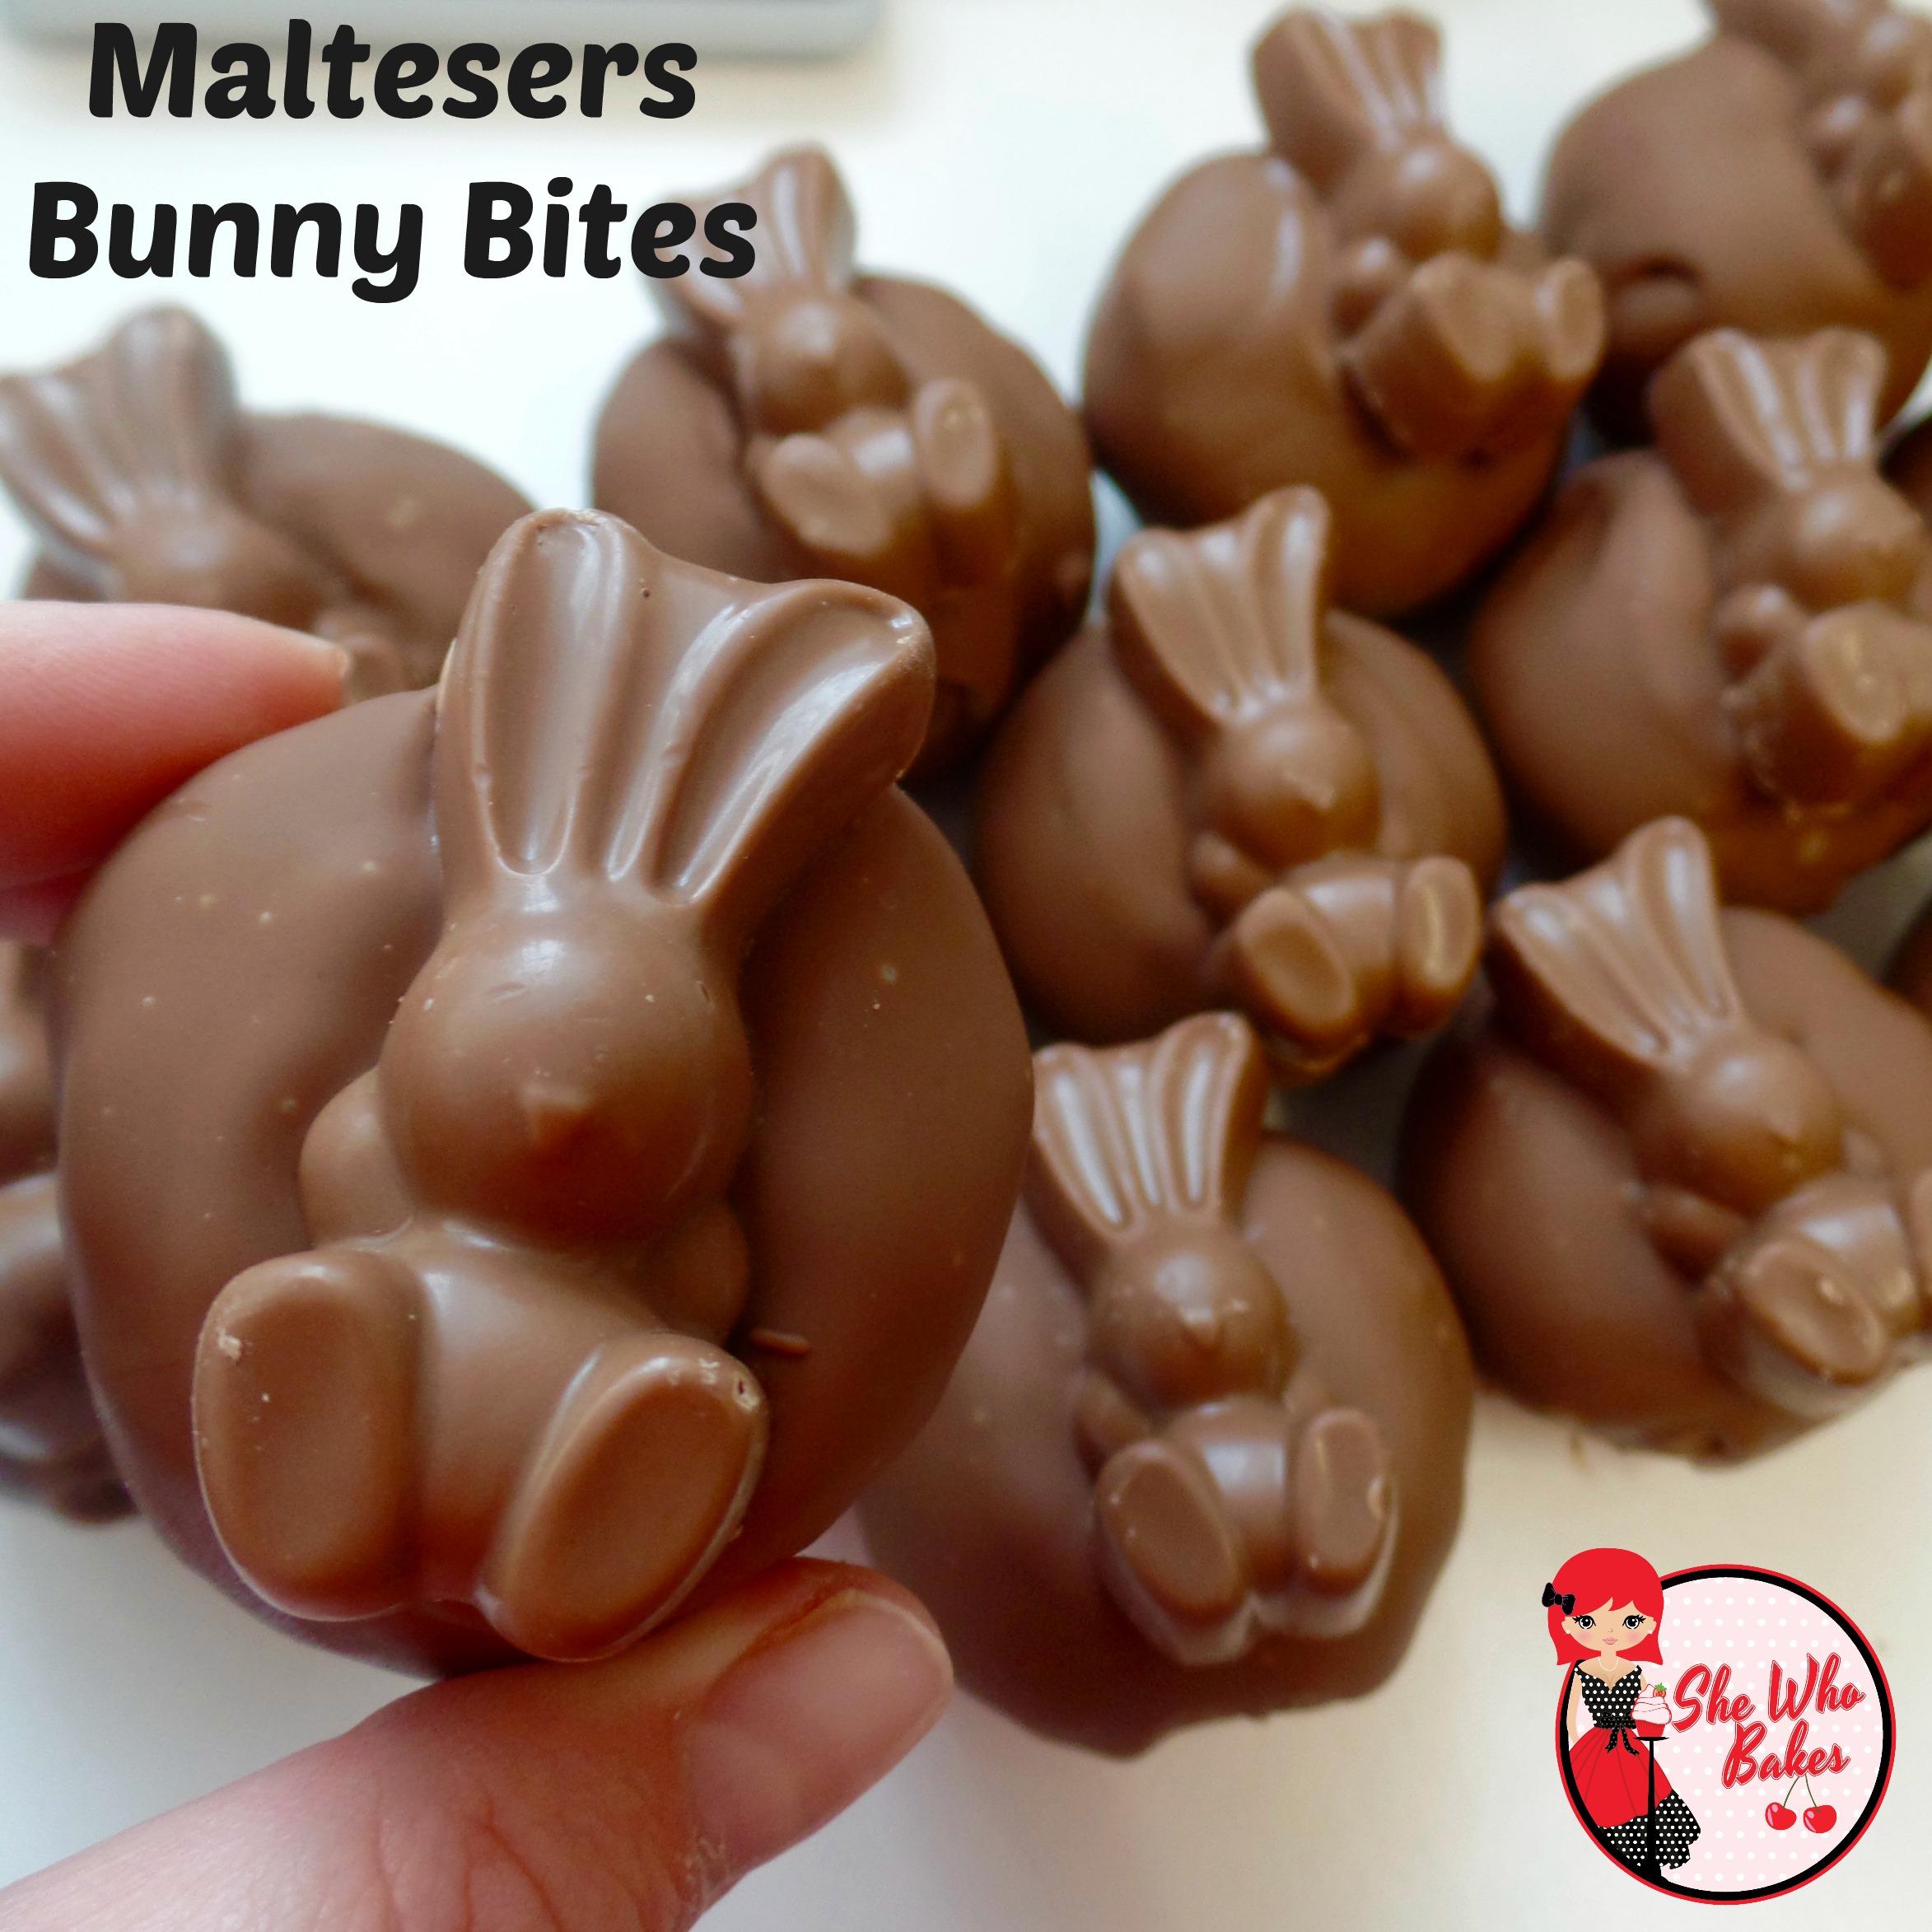 Maltesers Malteaster Bunny Bites She Who Bakes